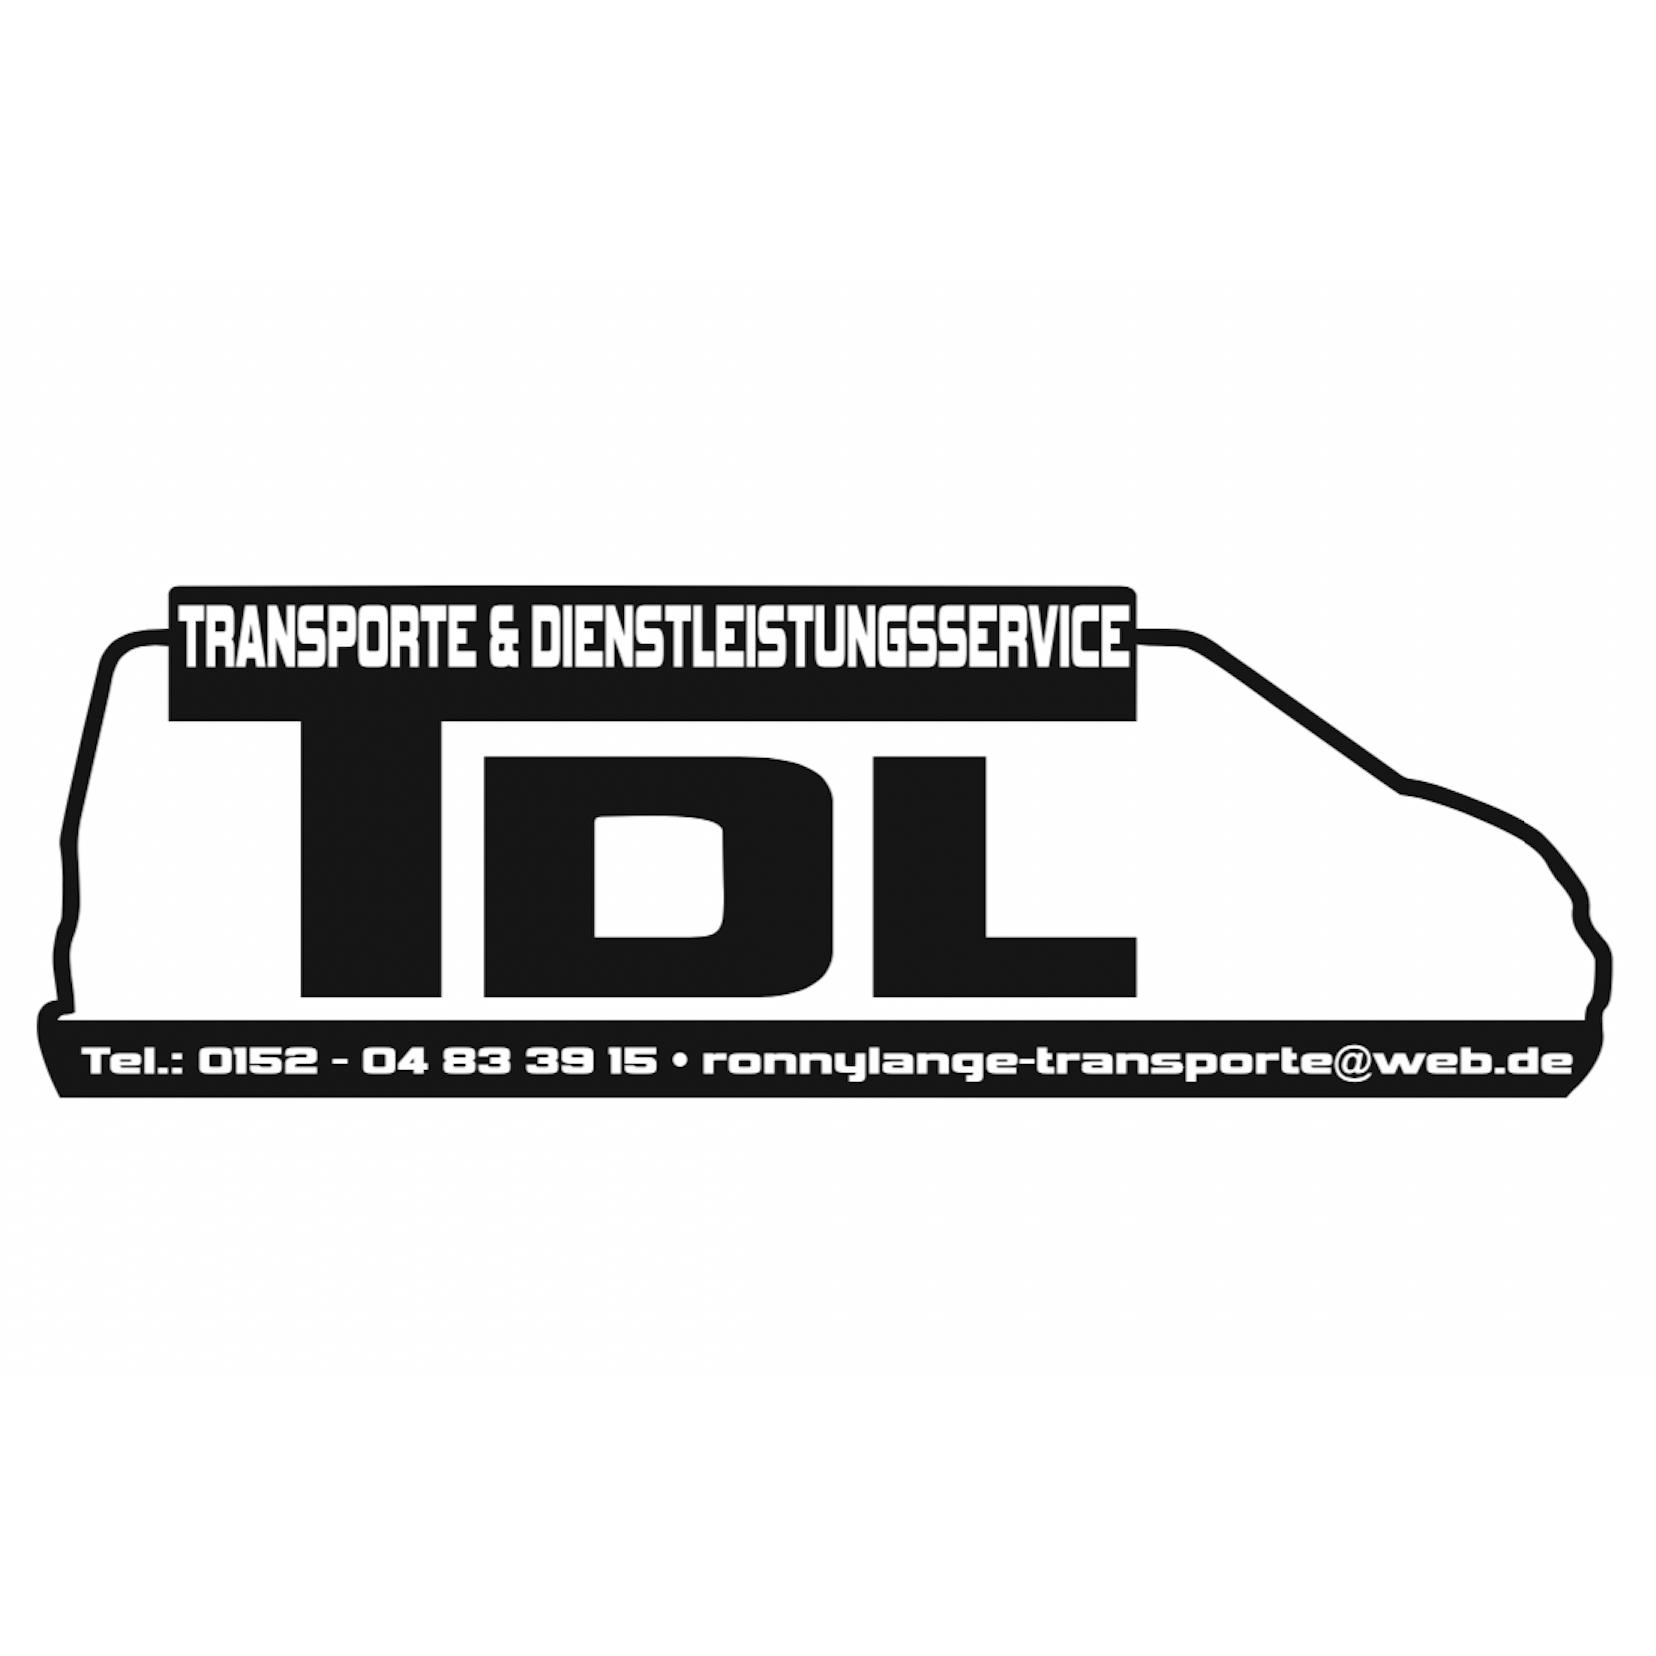 Bild zu TDL Transporte & Dienstleistungsservice Lange in Rampe Gemeinde Leezen bei Schwerin in Mecklenburg